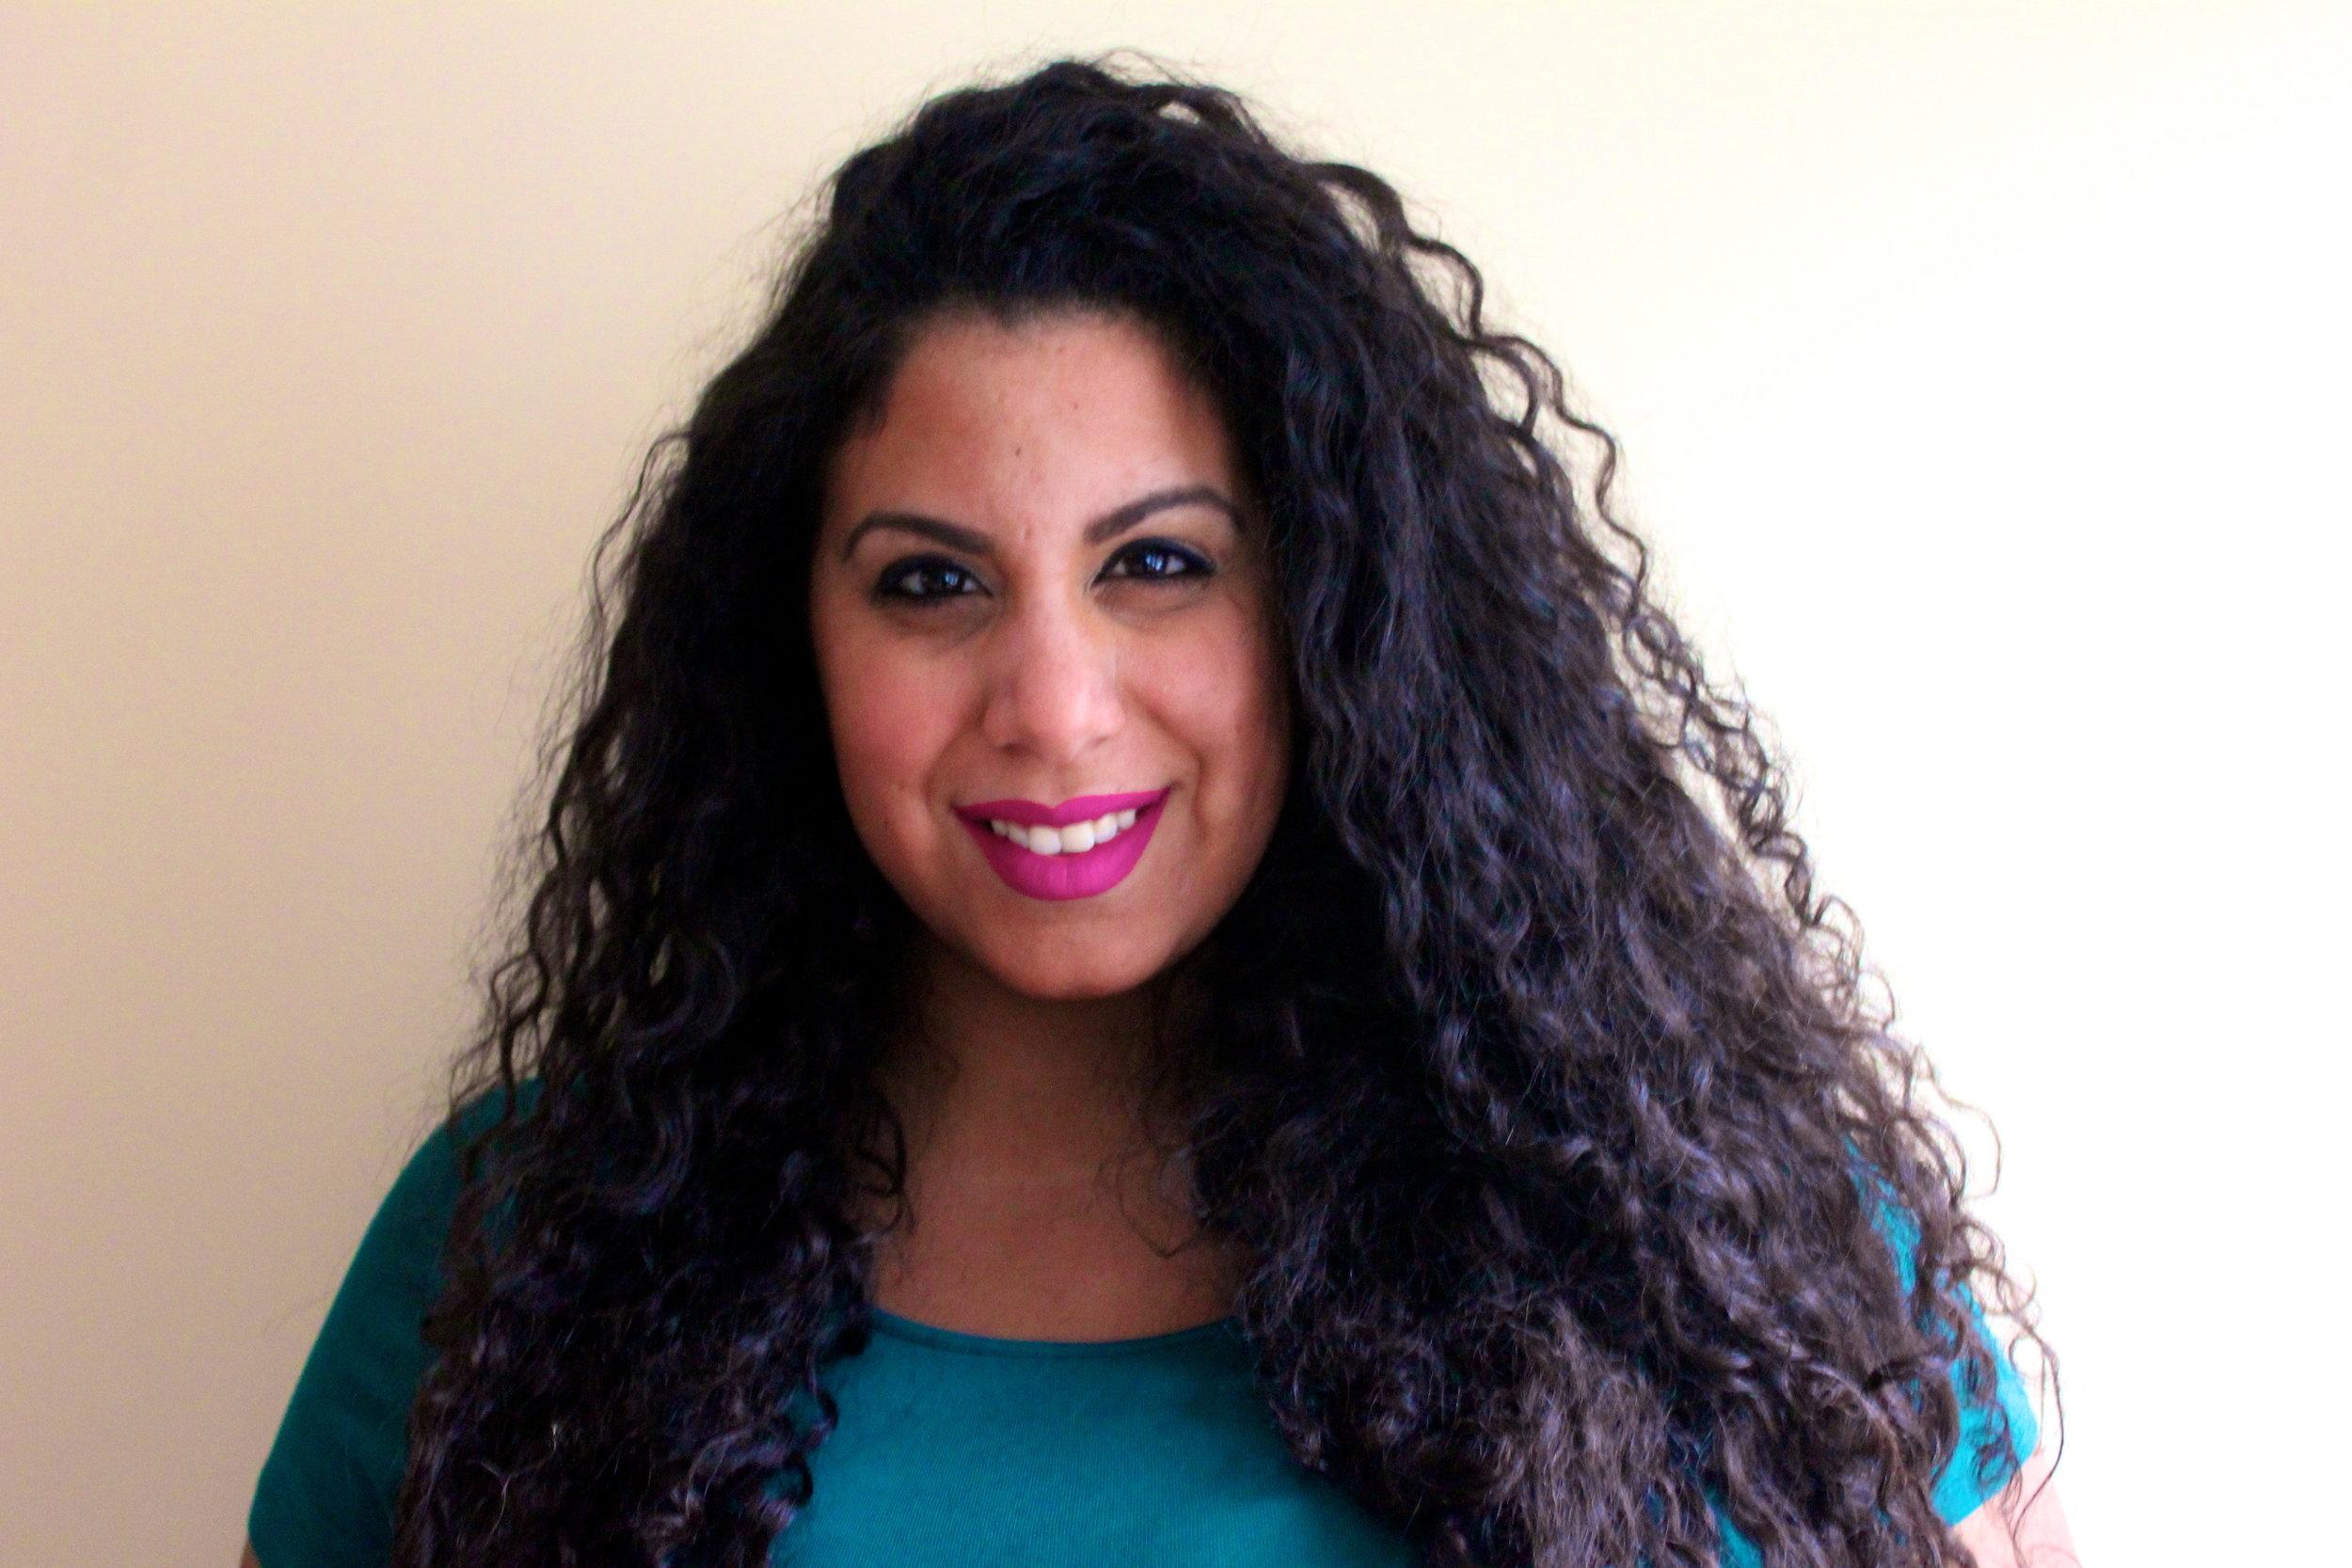 SarahElRaheb